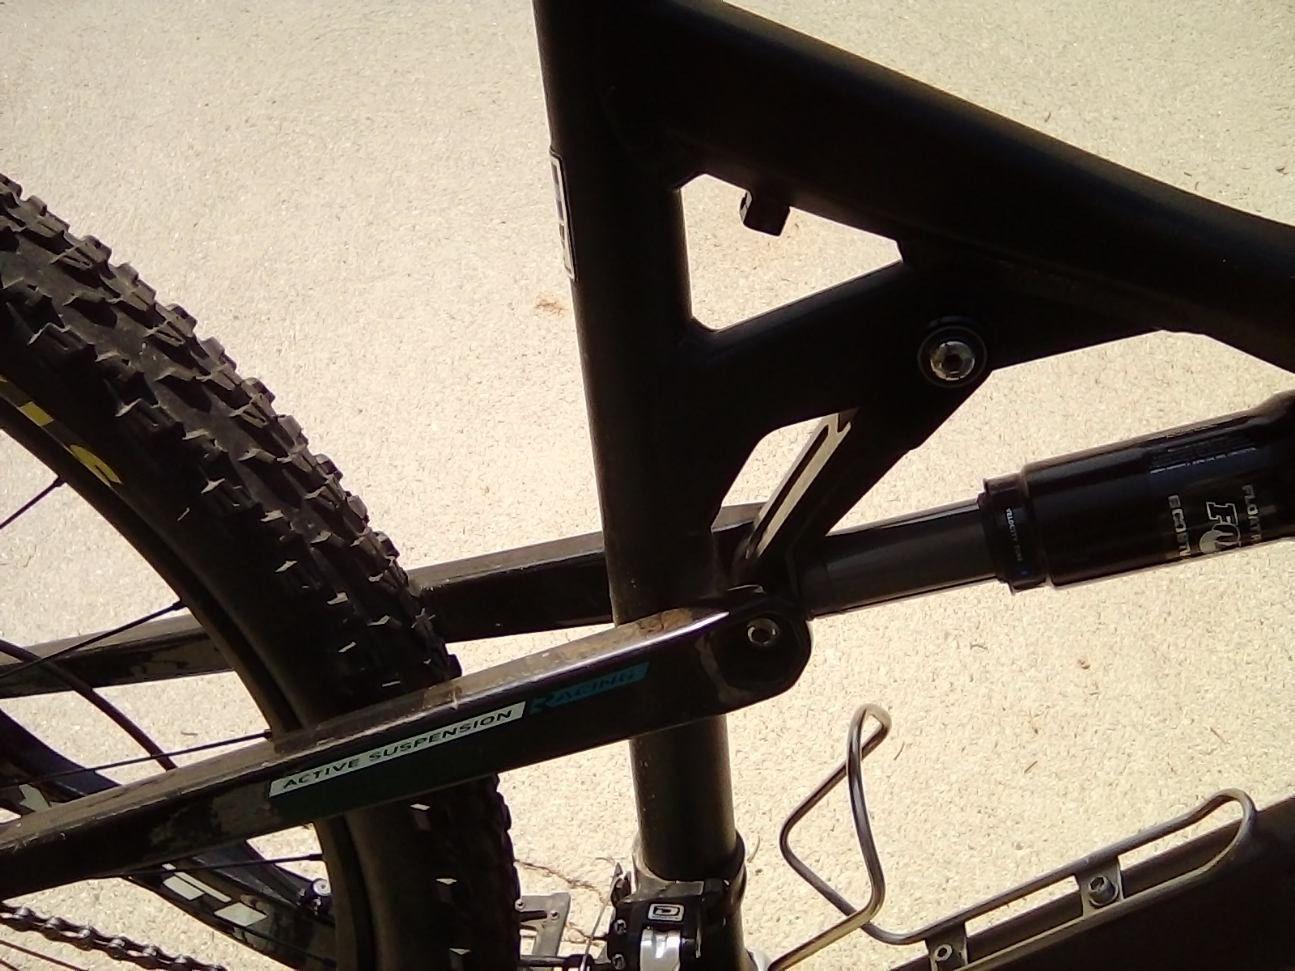 It's a 2012 yeti ASR 5 CARBON Enduro bike